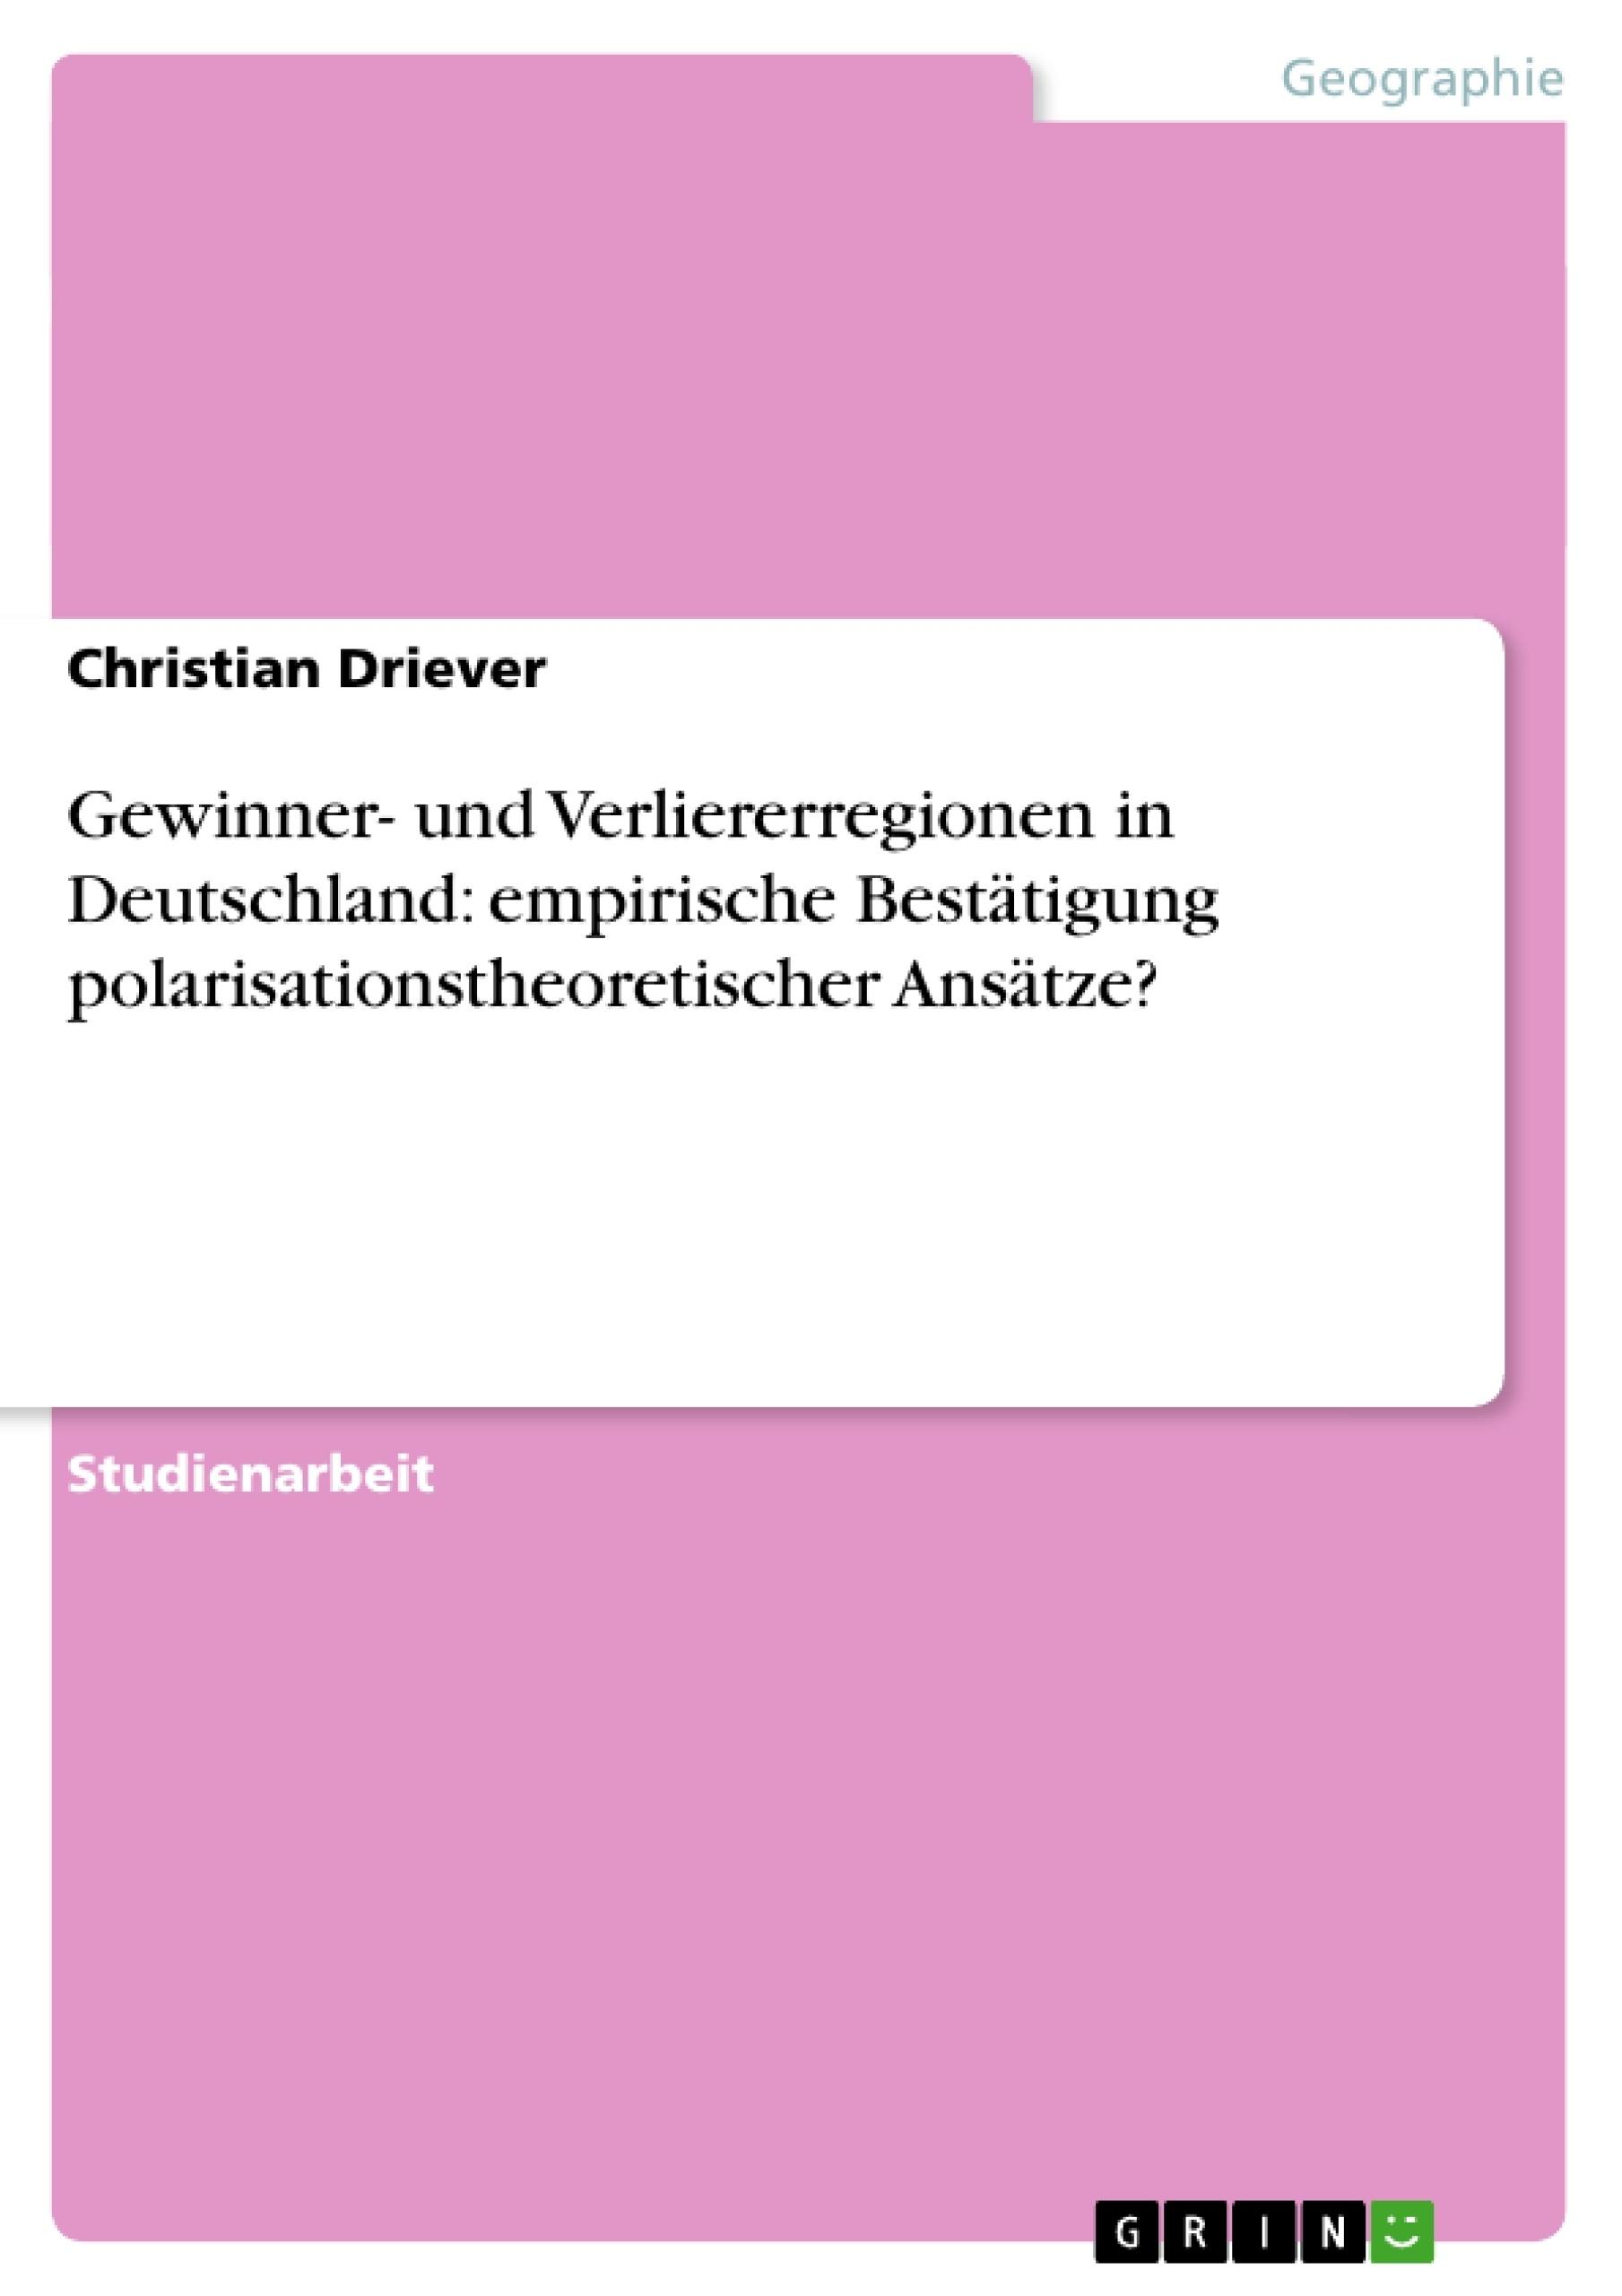 Titel: Gewinner- und Verliererregionen in Deutschland: empirische Bestätigung polarisationstheoretischer Ansätze?